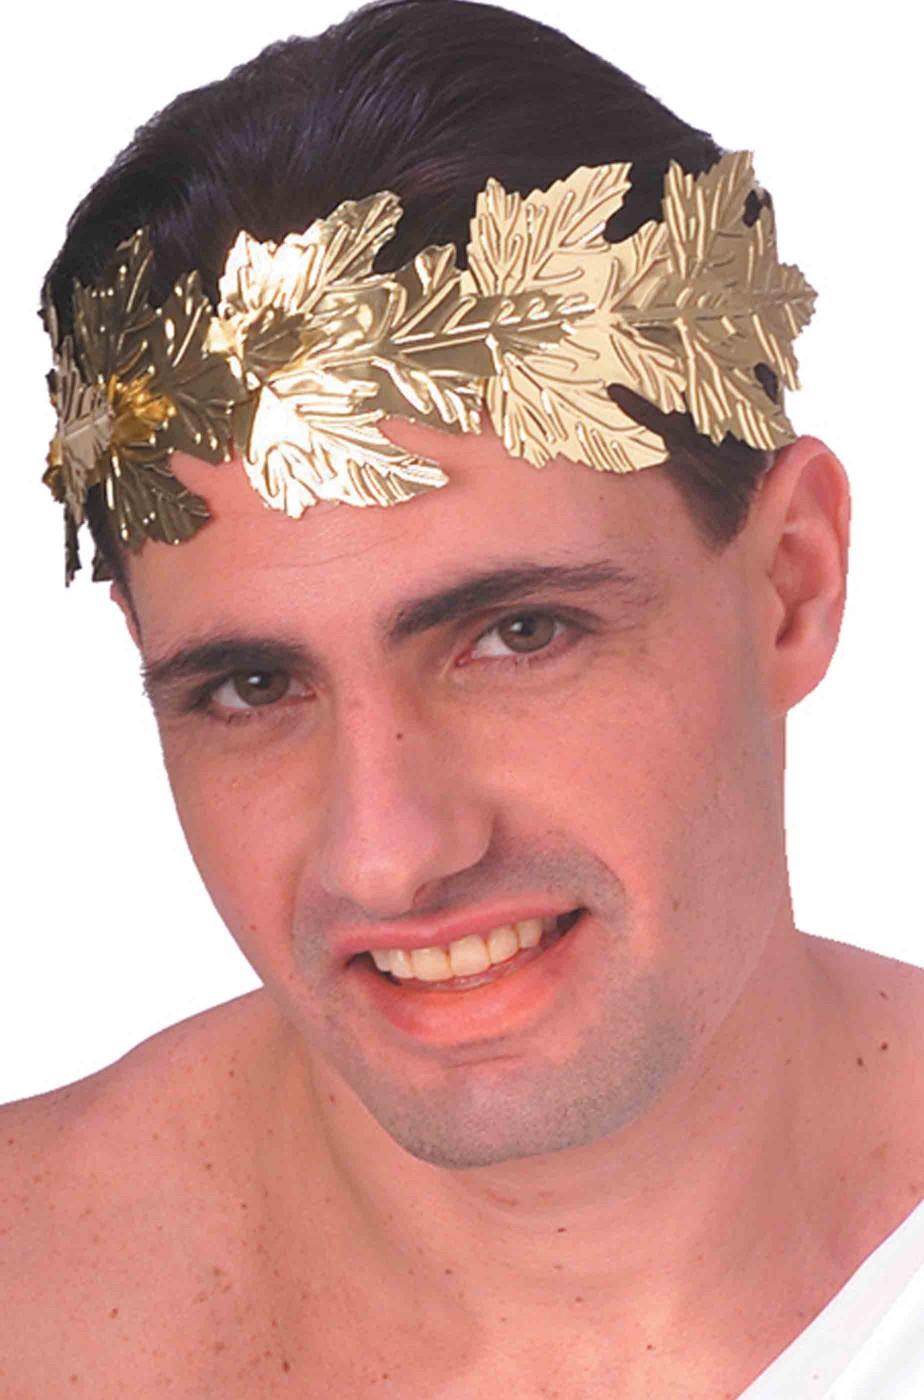 Corona d'alloro con foglie antico romano o greco